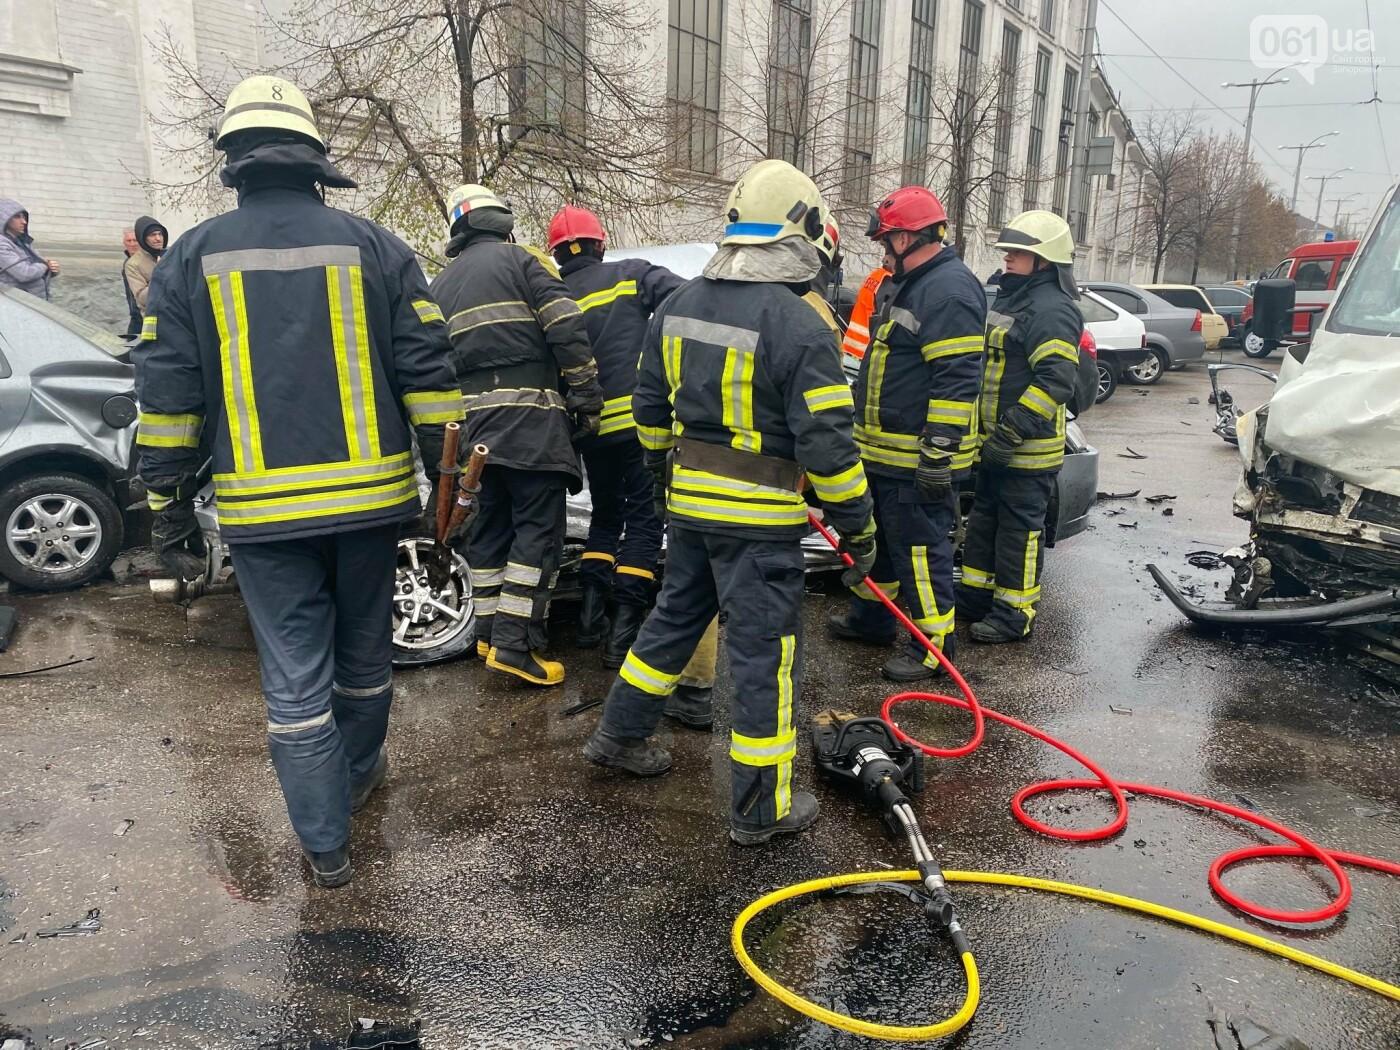 Авария в Запорожье: спасатели срезали крышу легкового автомобиля, чтобы достать погибшую пассажирку, - ФОТО , фото-1